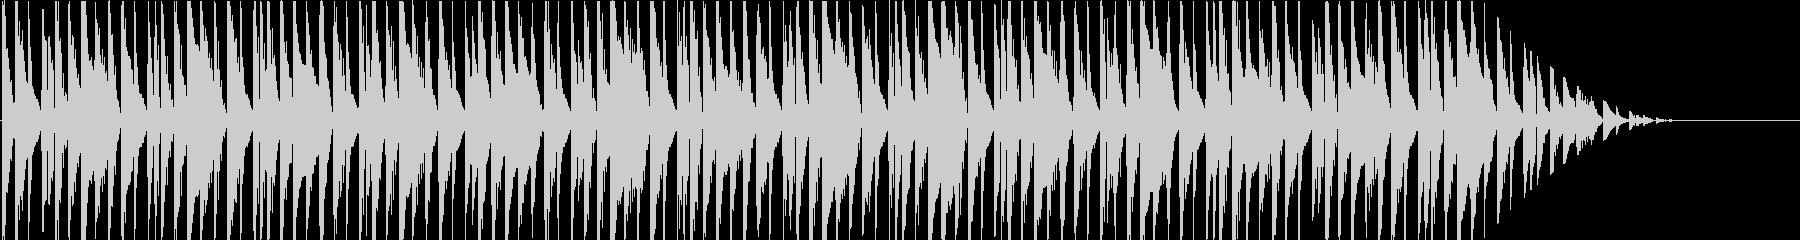 ルンルン♪シンプルで明るいBGMの未再生の波形